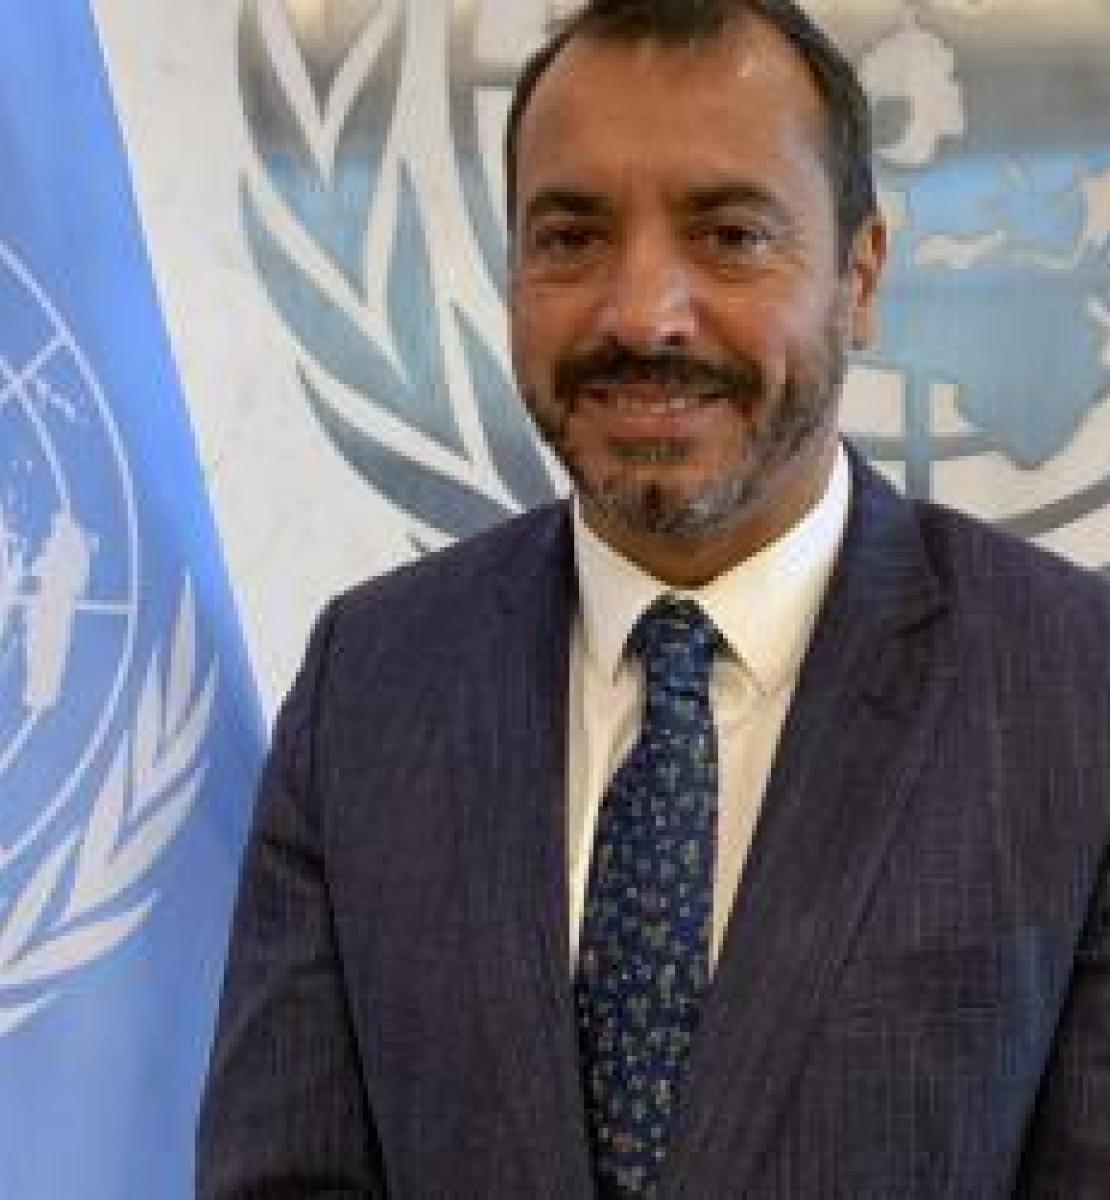 رجل يرتدي بدلة وربطة عنق يبتسم للكاميرا قرب علم الأمم المتحدة الأزرق.